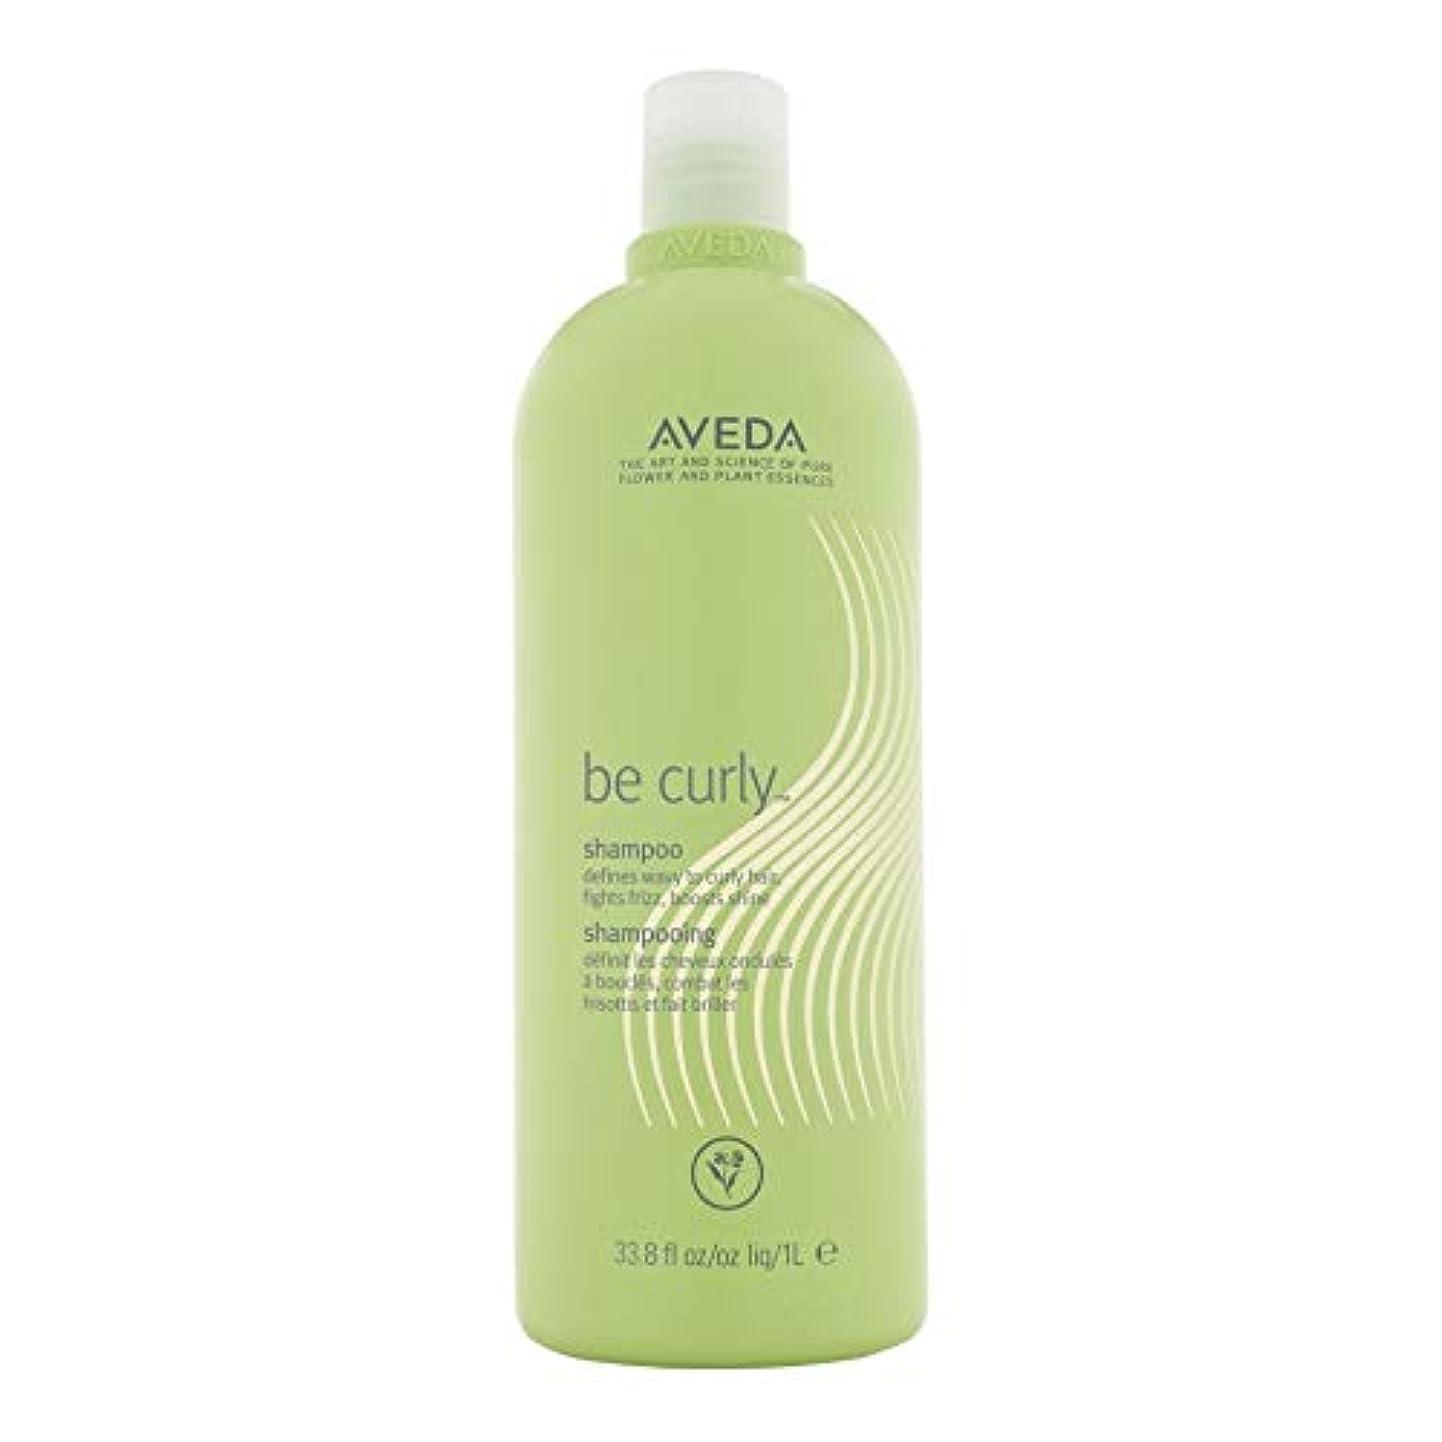 丁寧カナダ夜明け[AVEDA ] アヴェダカーリーシャンプー1リットルなります - Aveda Be Curly Shampoo 1L [並行輸入品]